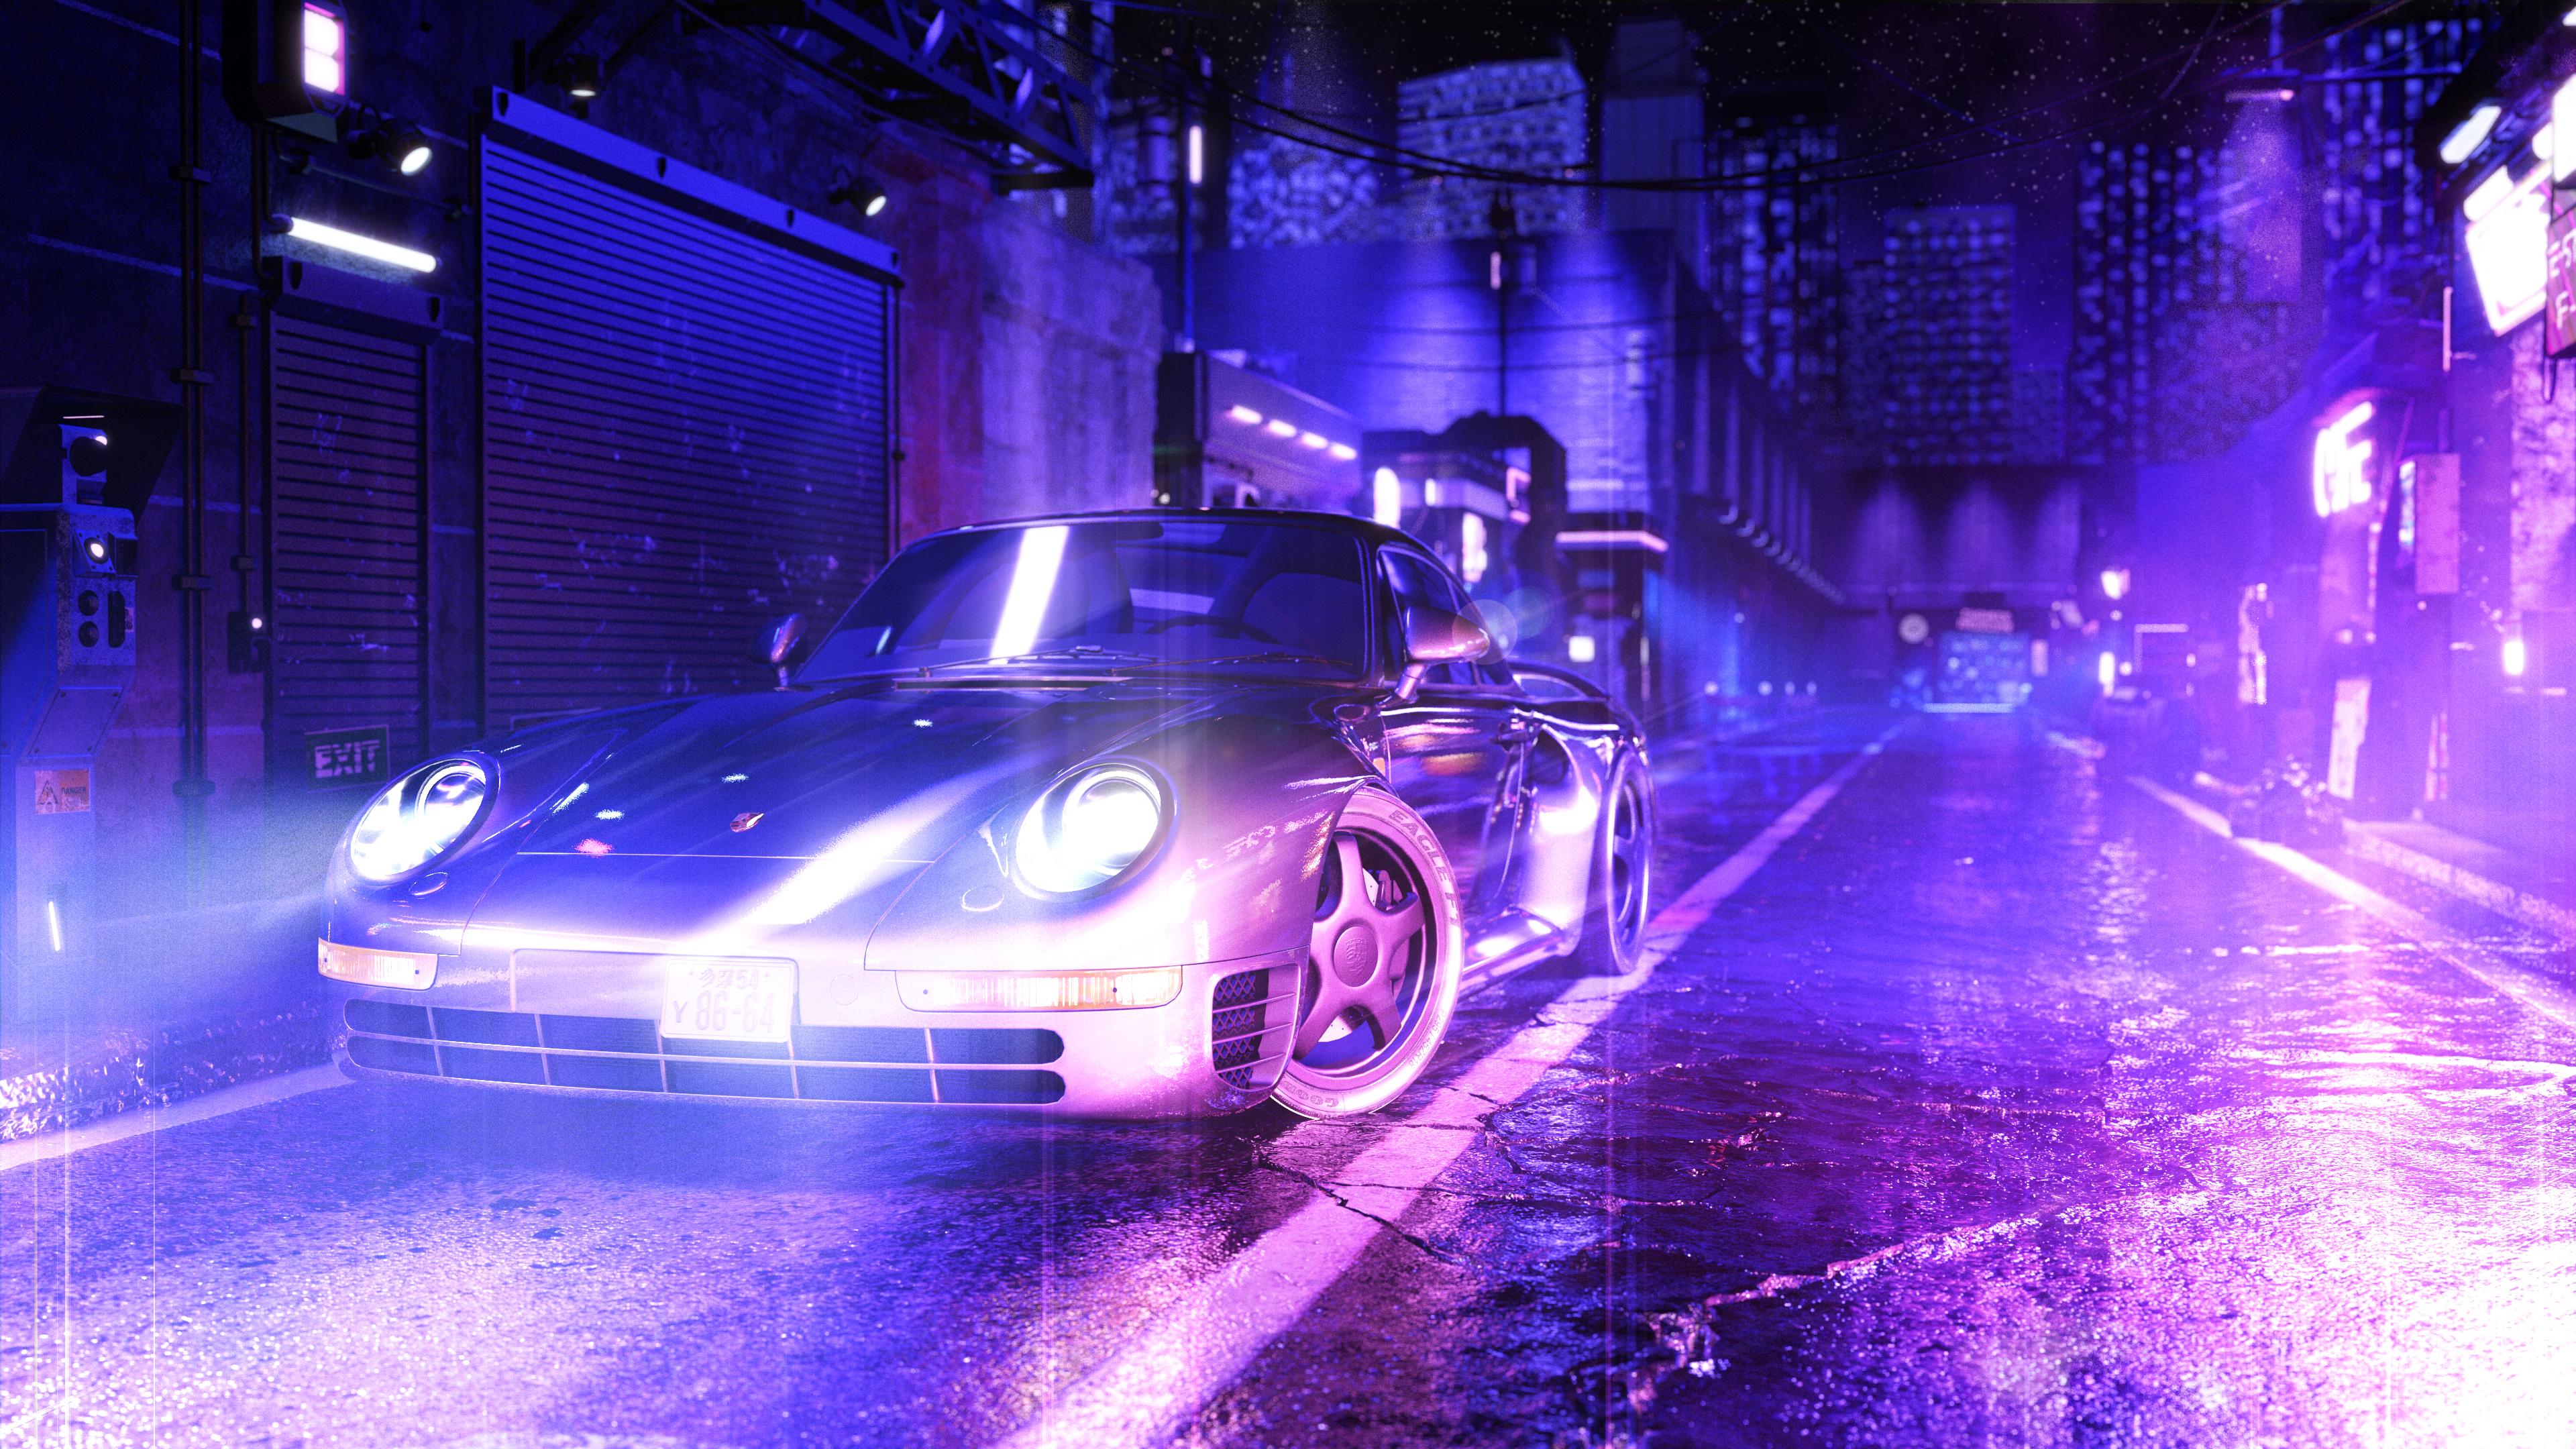 3d Rendering, Render, Animation, tuner, cyberpunk, porsche, porsche 959, visualization, automotive animation, automotive visualization, industrial animation, industrial visualization,VR, virtual reality, product rendering, CGI, design, michigan, west michigan, grand rapids